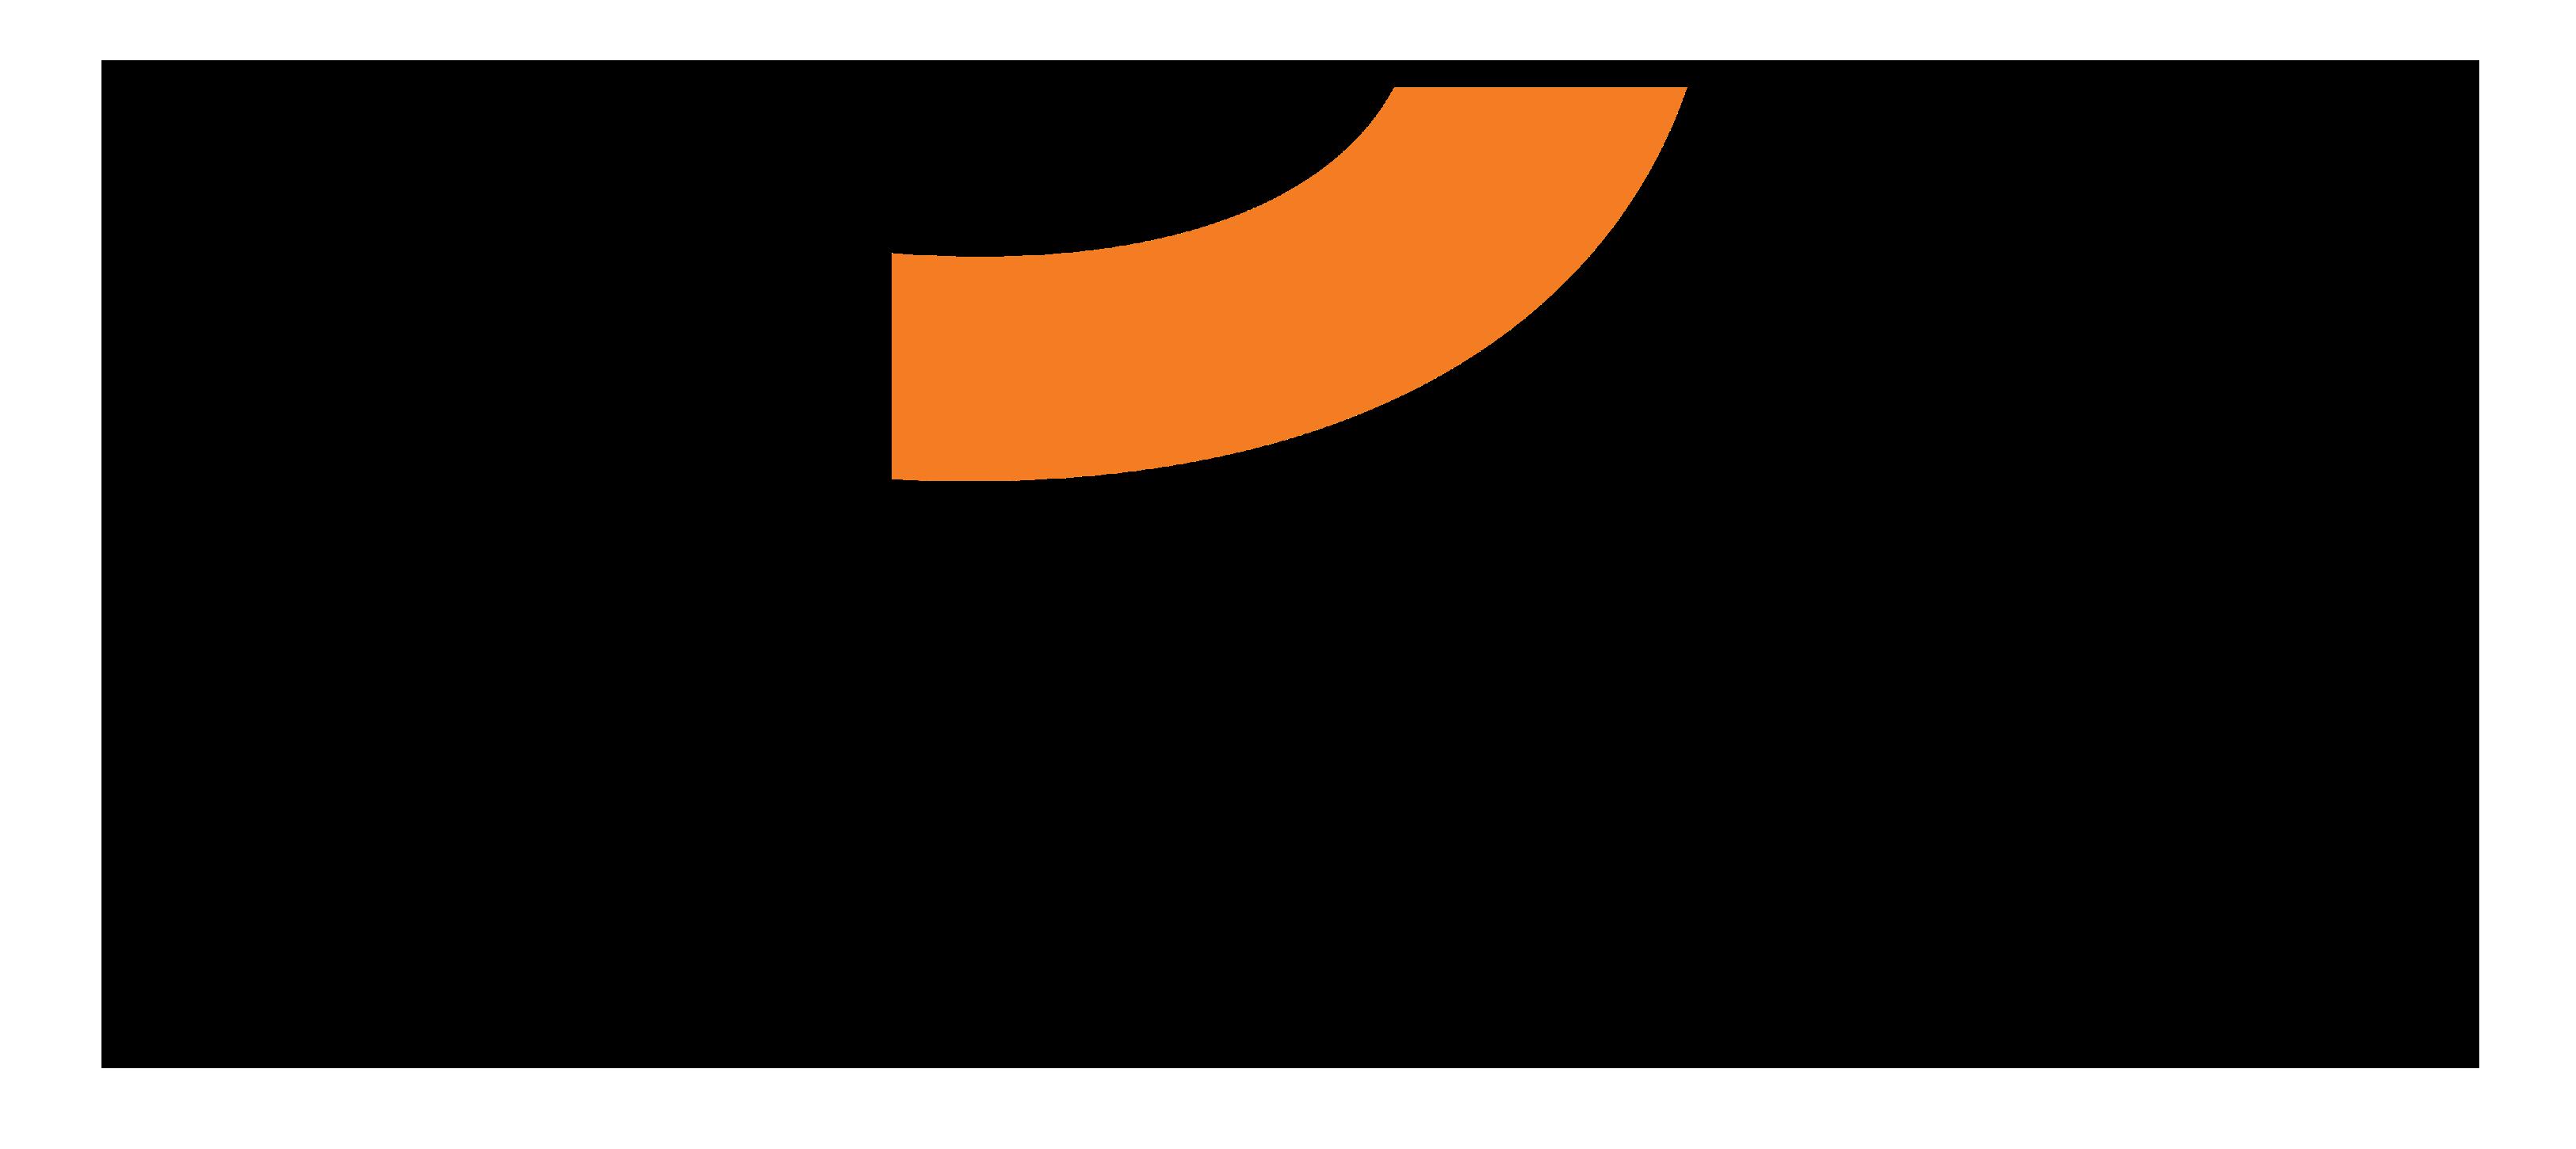 sixt � logos download